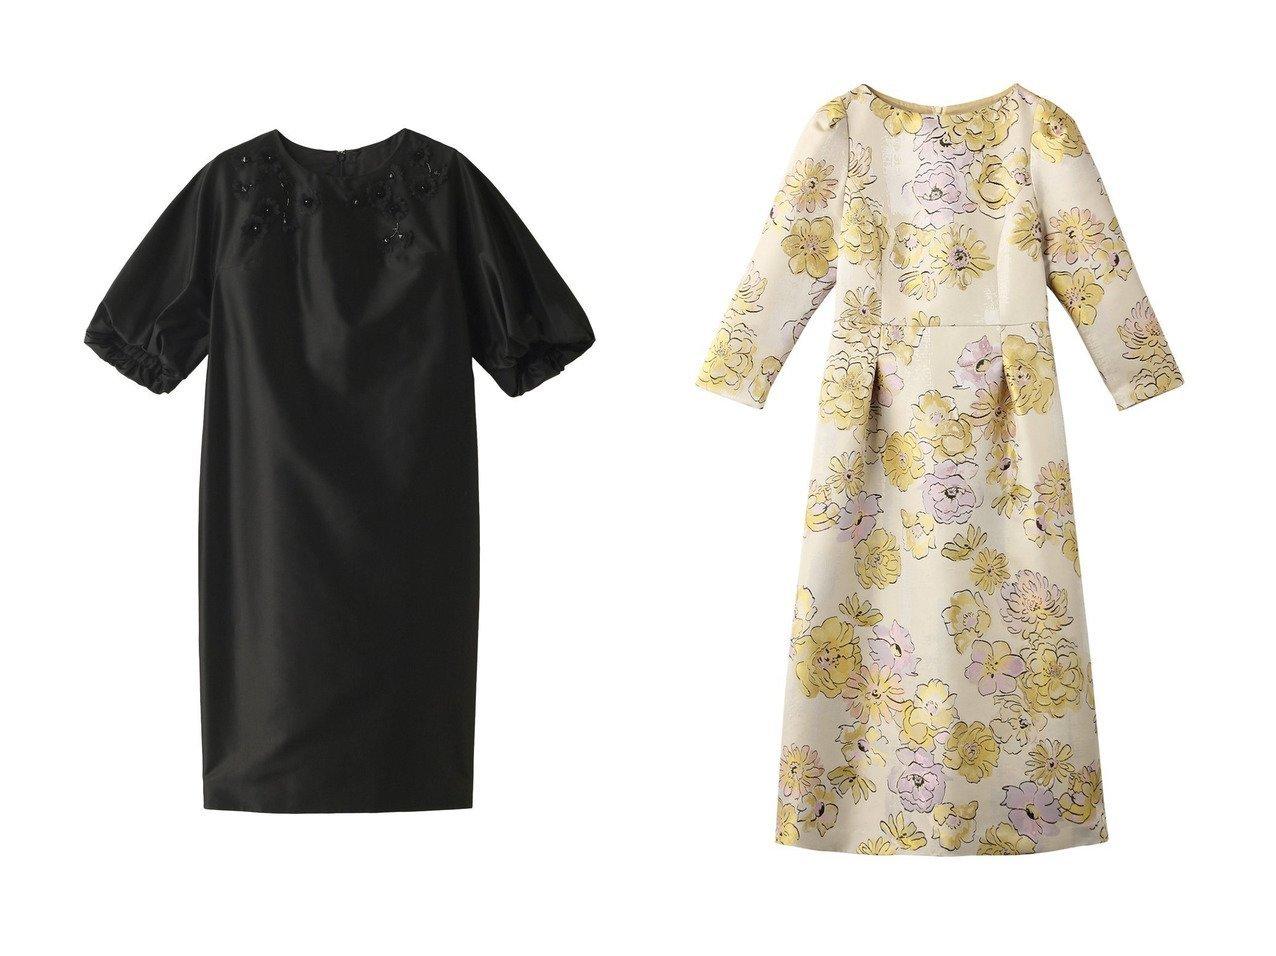 【ANAYI/アナイ】のタフタフラワービジューワンピース&【allureville/アルアバイル】の【Loulou Willoughby】フラワージャガードワンピース ワンピース・ドレスのおすすめ!人気、トレンド・レディースファッションの通販 おすすめで人気の流行・トレンド、ファッションの通販商品 メンズファッション・キッズファッション・インテリア・家具・レディースファッション・服の通販 founy(ファニー) https://founy.com/ ファッション Fashion レディースファッション WOMEN ワンピース Dress なめらか シルク パーティ オケージョン フォルム |ID:crp329100000009363